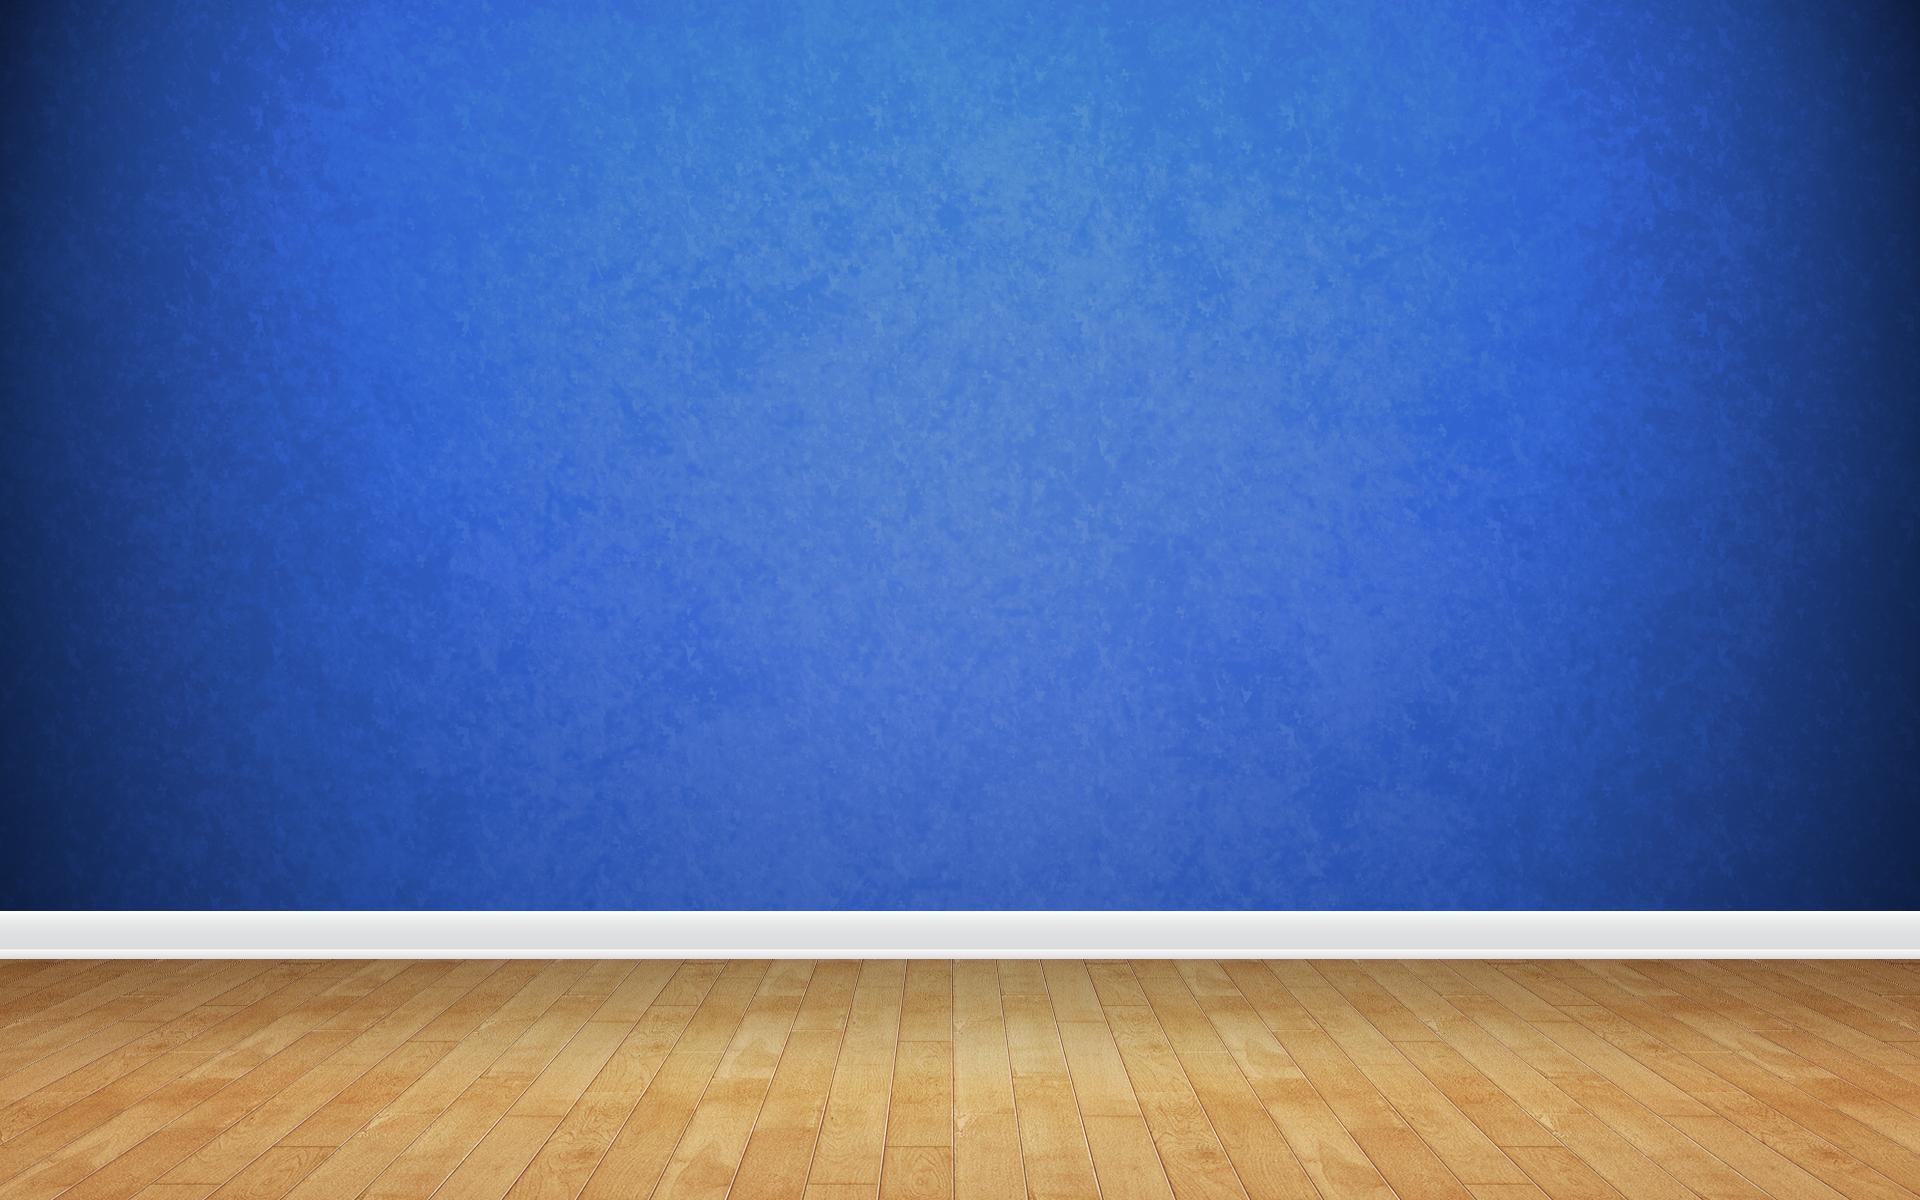 3d view blue minimalistic wall wallpaper 1920x1200 8635